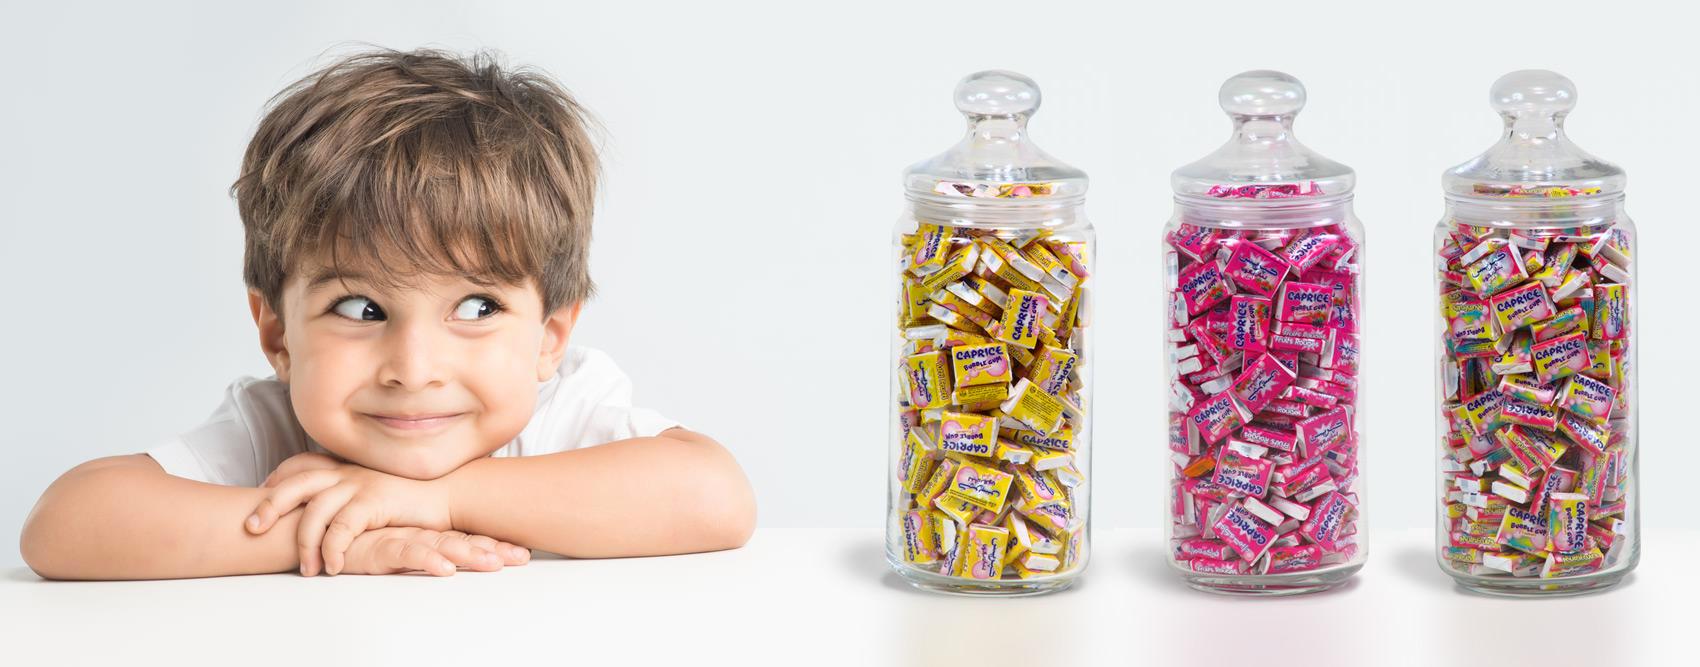 enfant chewing gum caprice